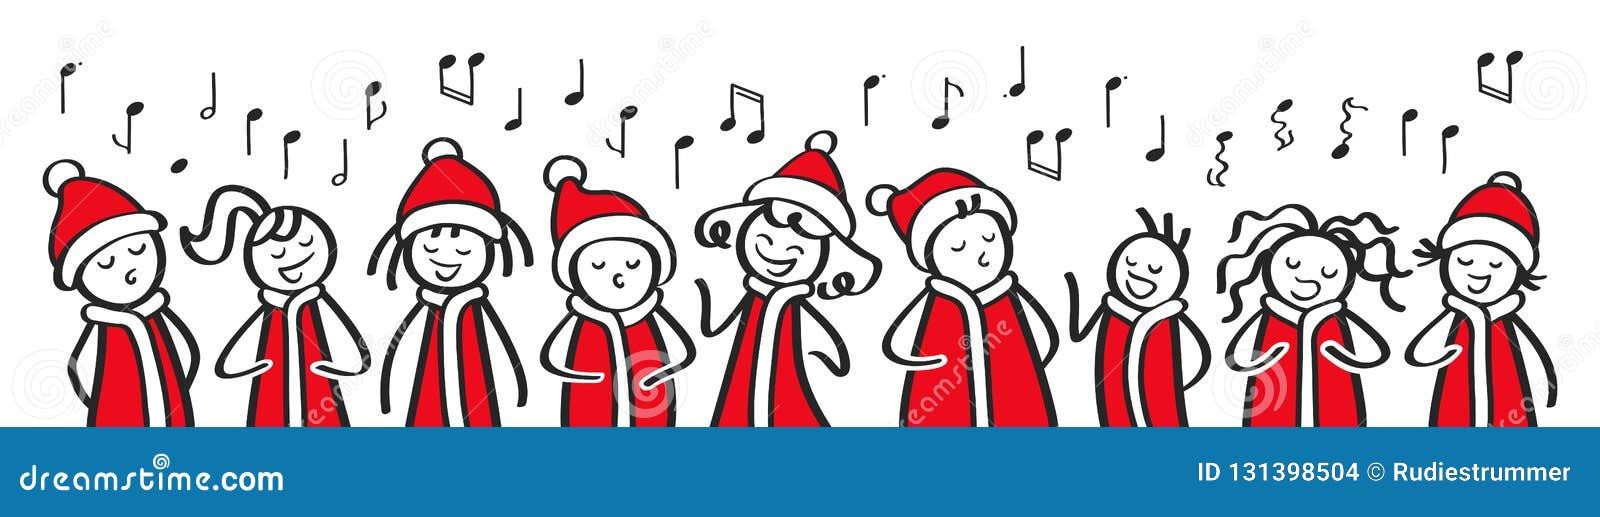 圣诞颂歌歌手、唱诗班、滑稽的唱歌男人和的妇女,在圣诞老人服装的棍子形象唱歌曲,横幅